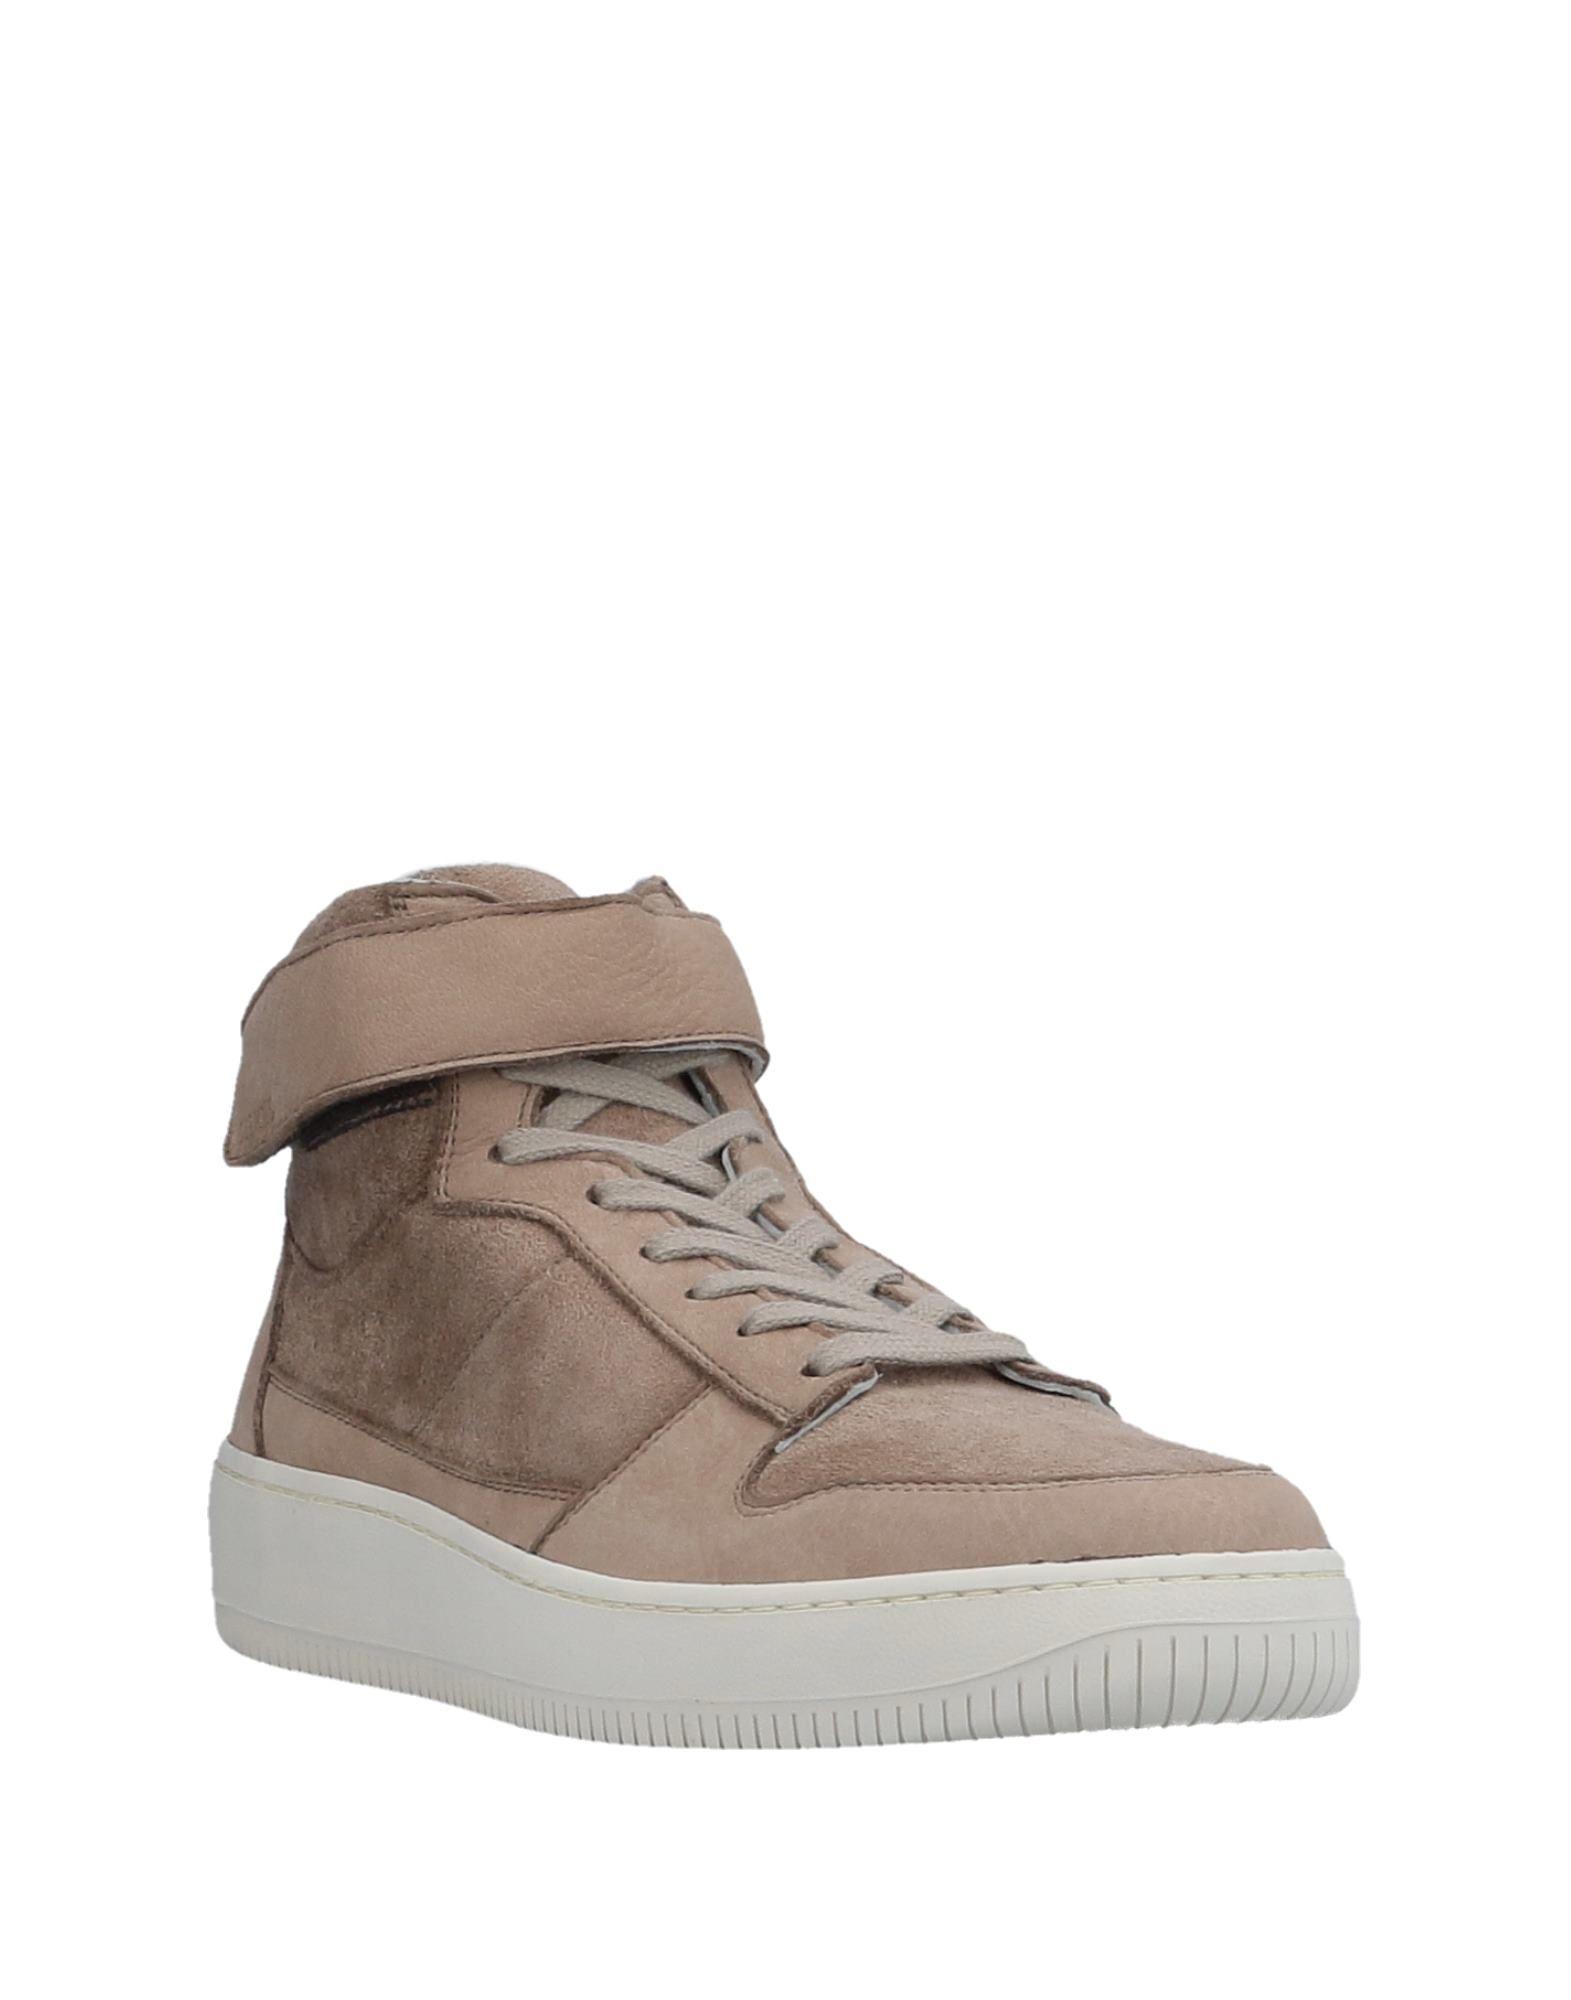 Diemme Sneakers Herren  beliebte 11500557JU Gute Qualität beliebte  Schuhe 3d34a0